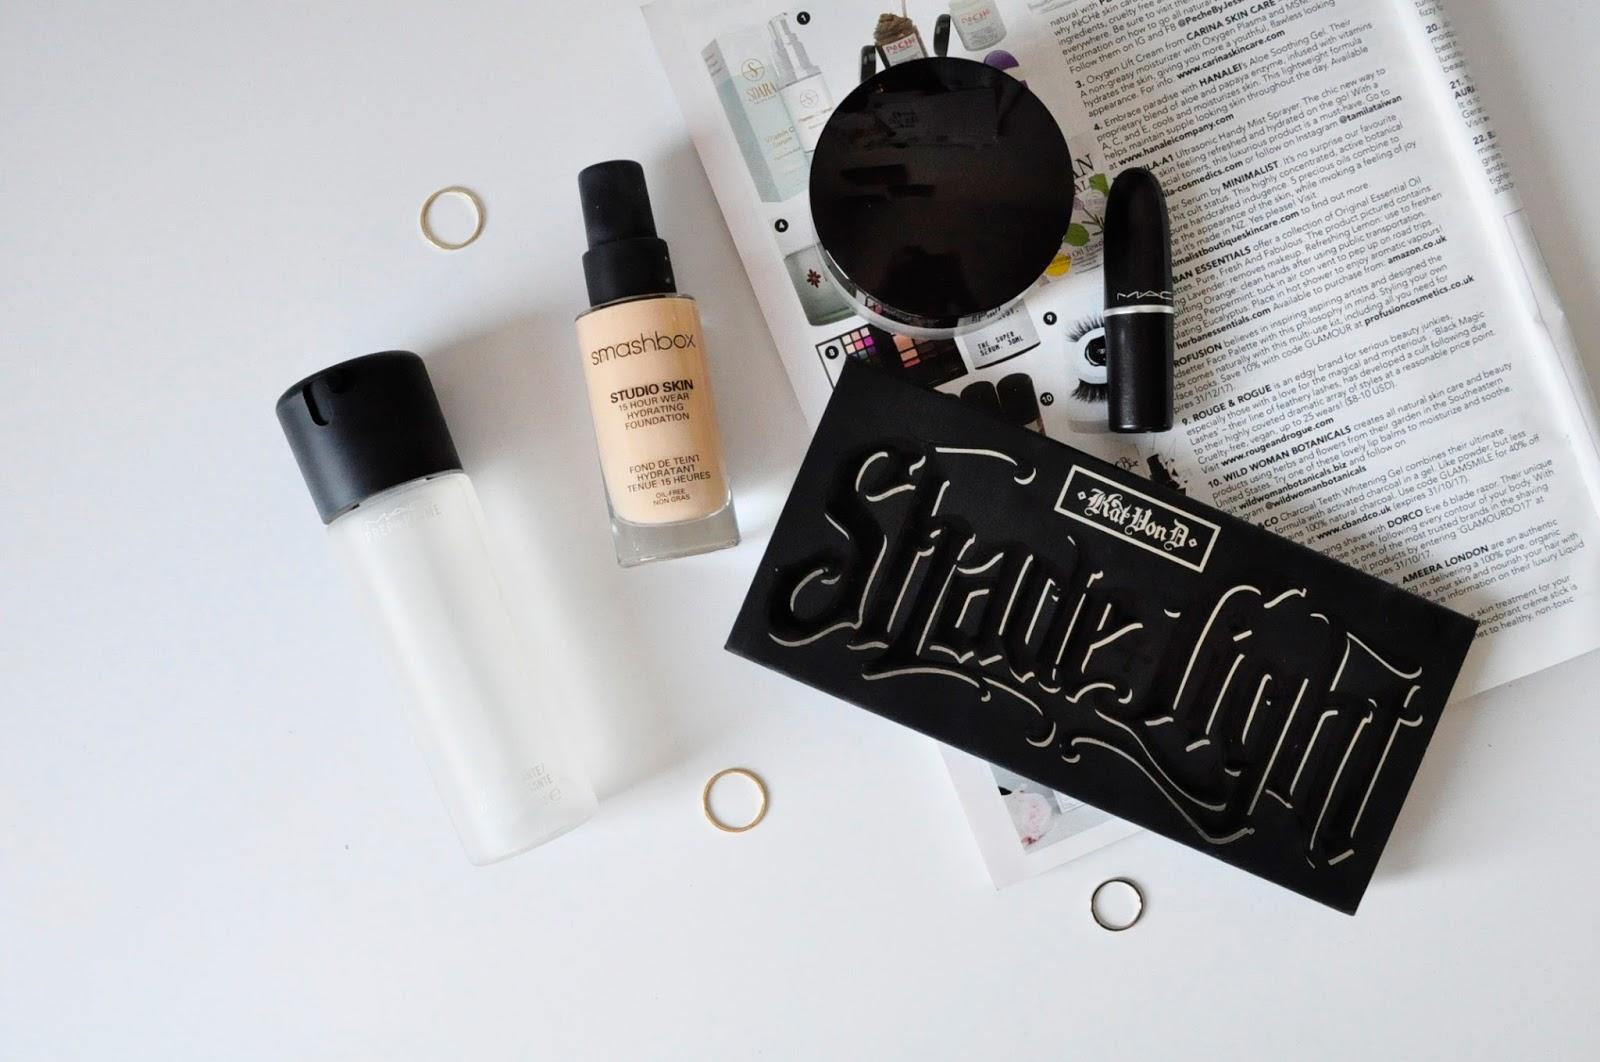 5 kosmetyków wartych swojej ceny | MAC  Kat von D  Laura Mercier Smashbox